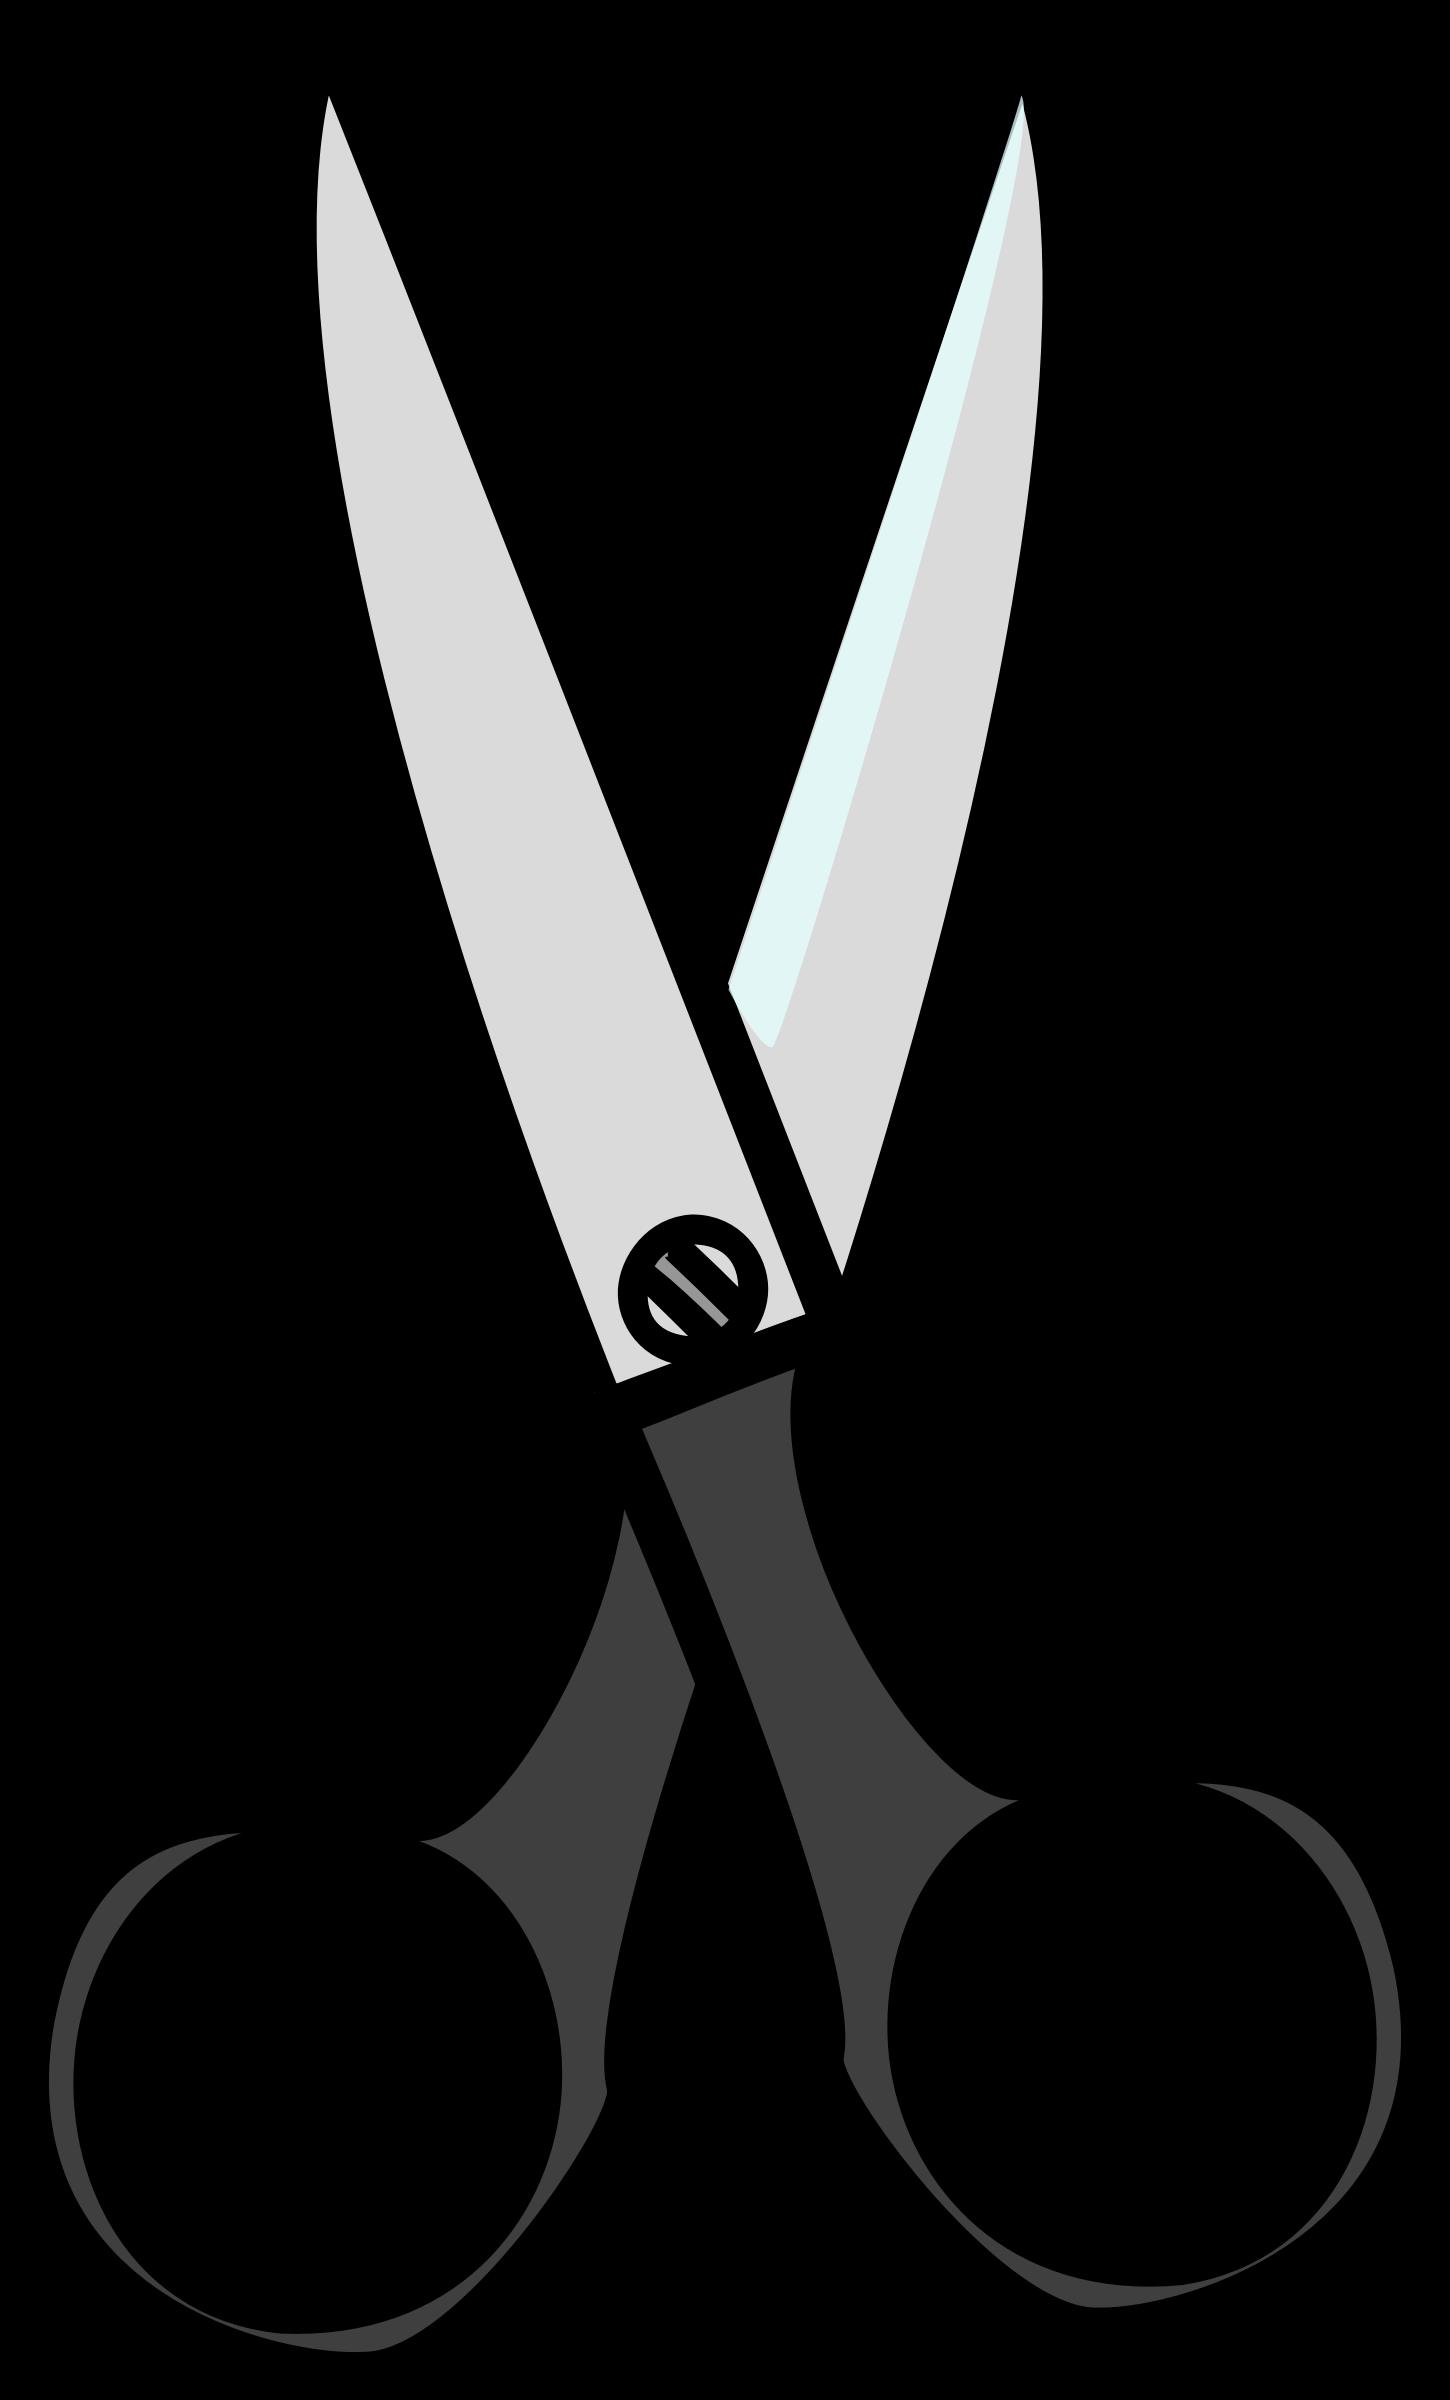 Scissors Scissors Image Rabbit Cartoon